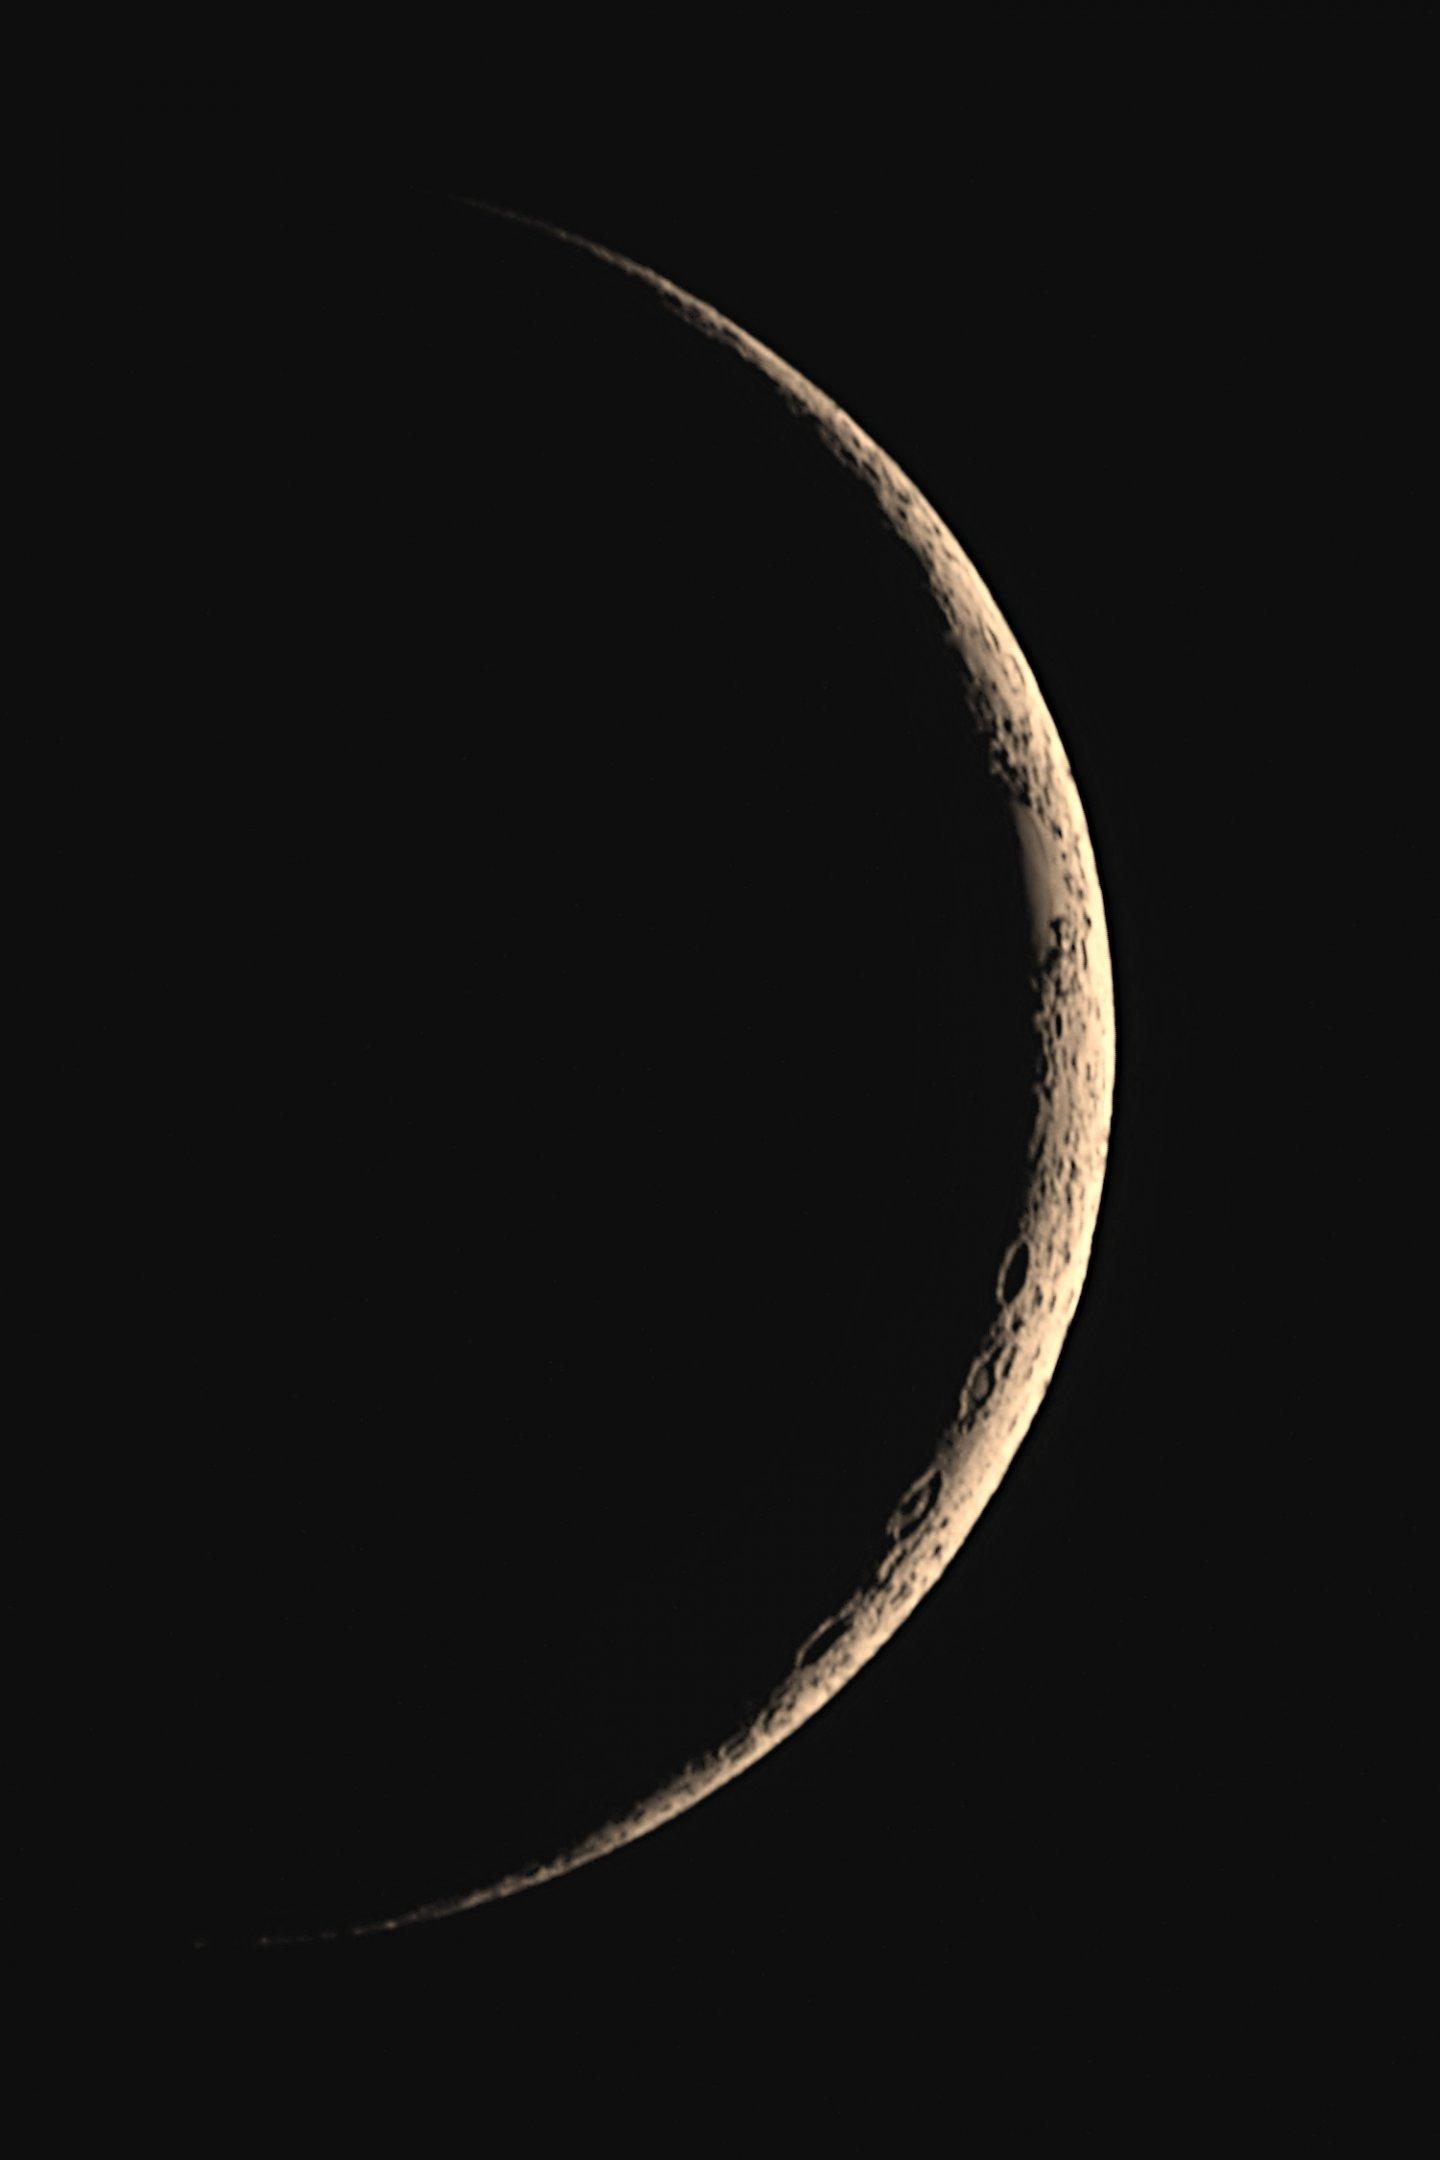 moon240520.jpg